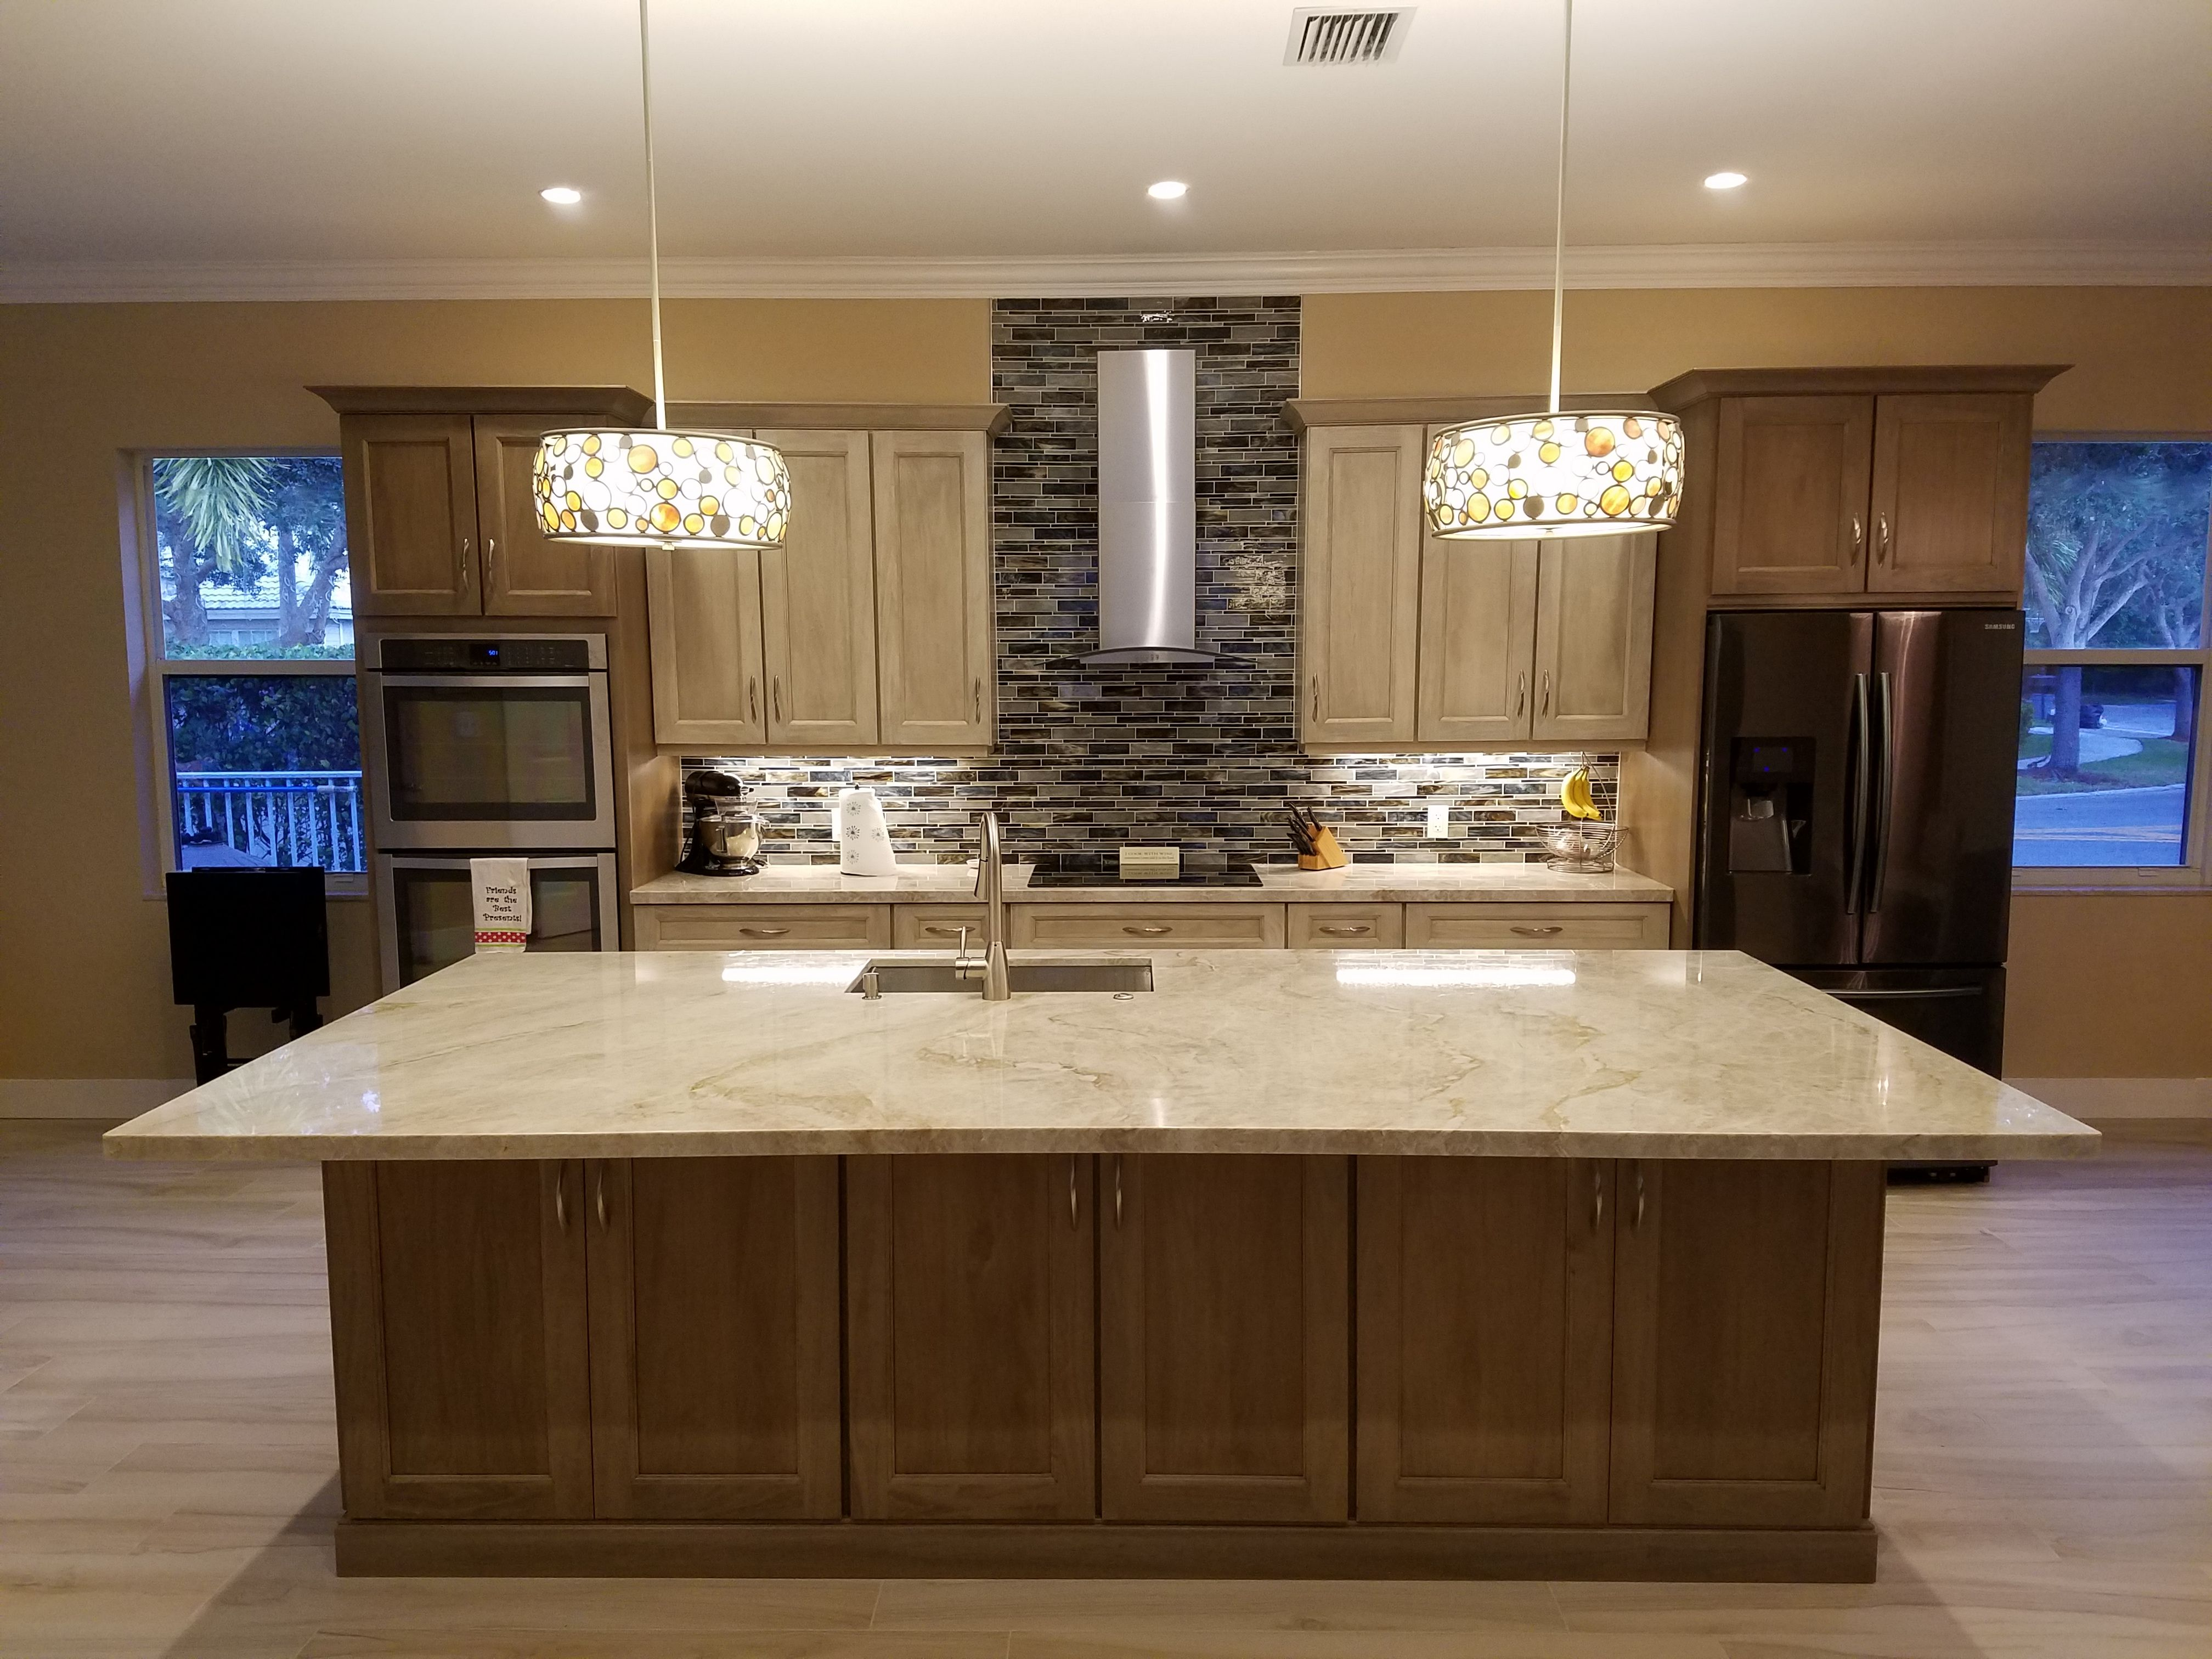 Kitchen Renovation By Concept Kitchen And Bath, Boca Raton, FL 561 699 9999  Kitchen Designer: Neil Mackinnon